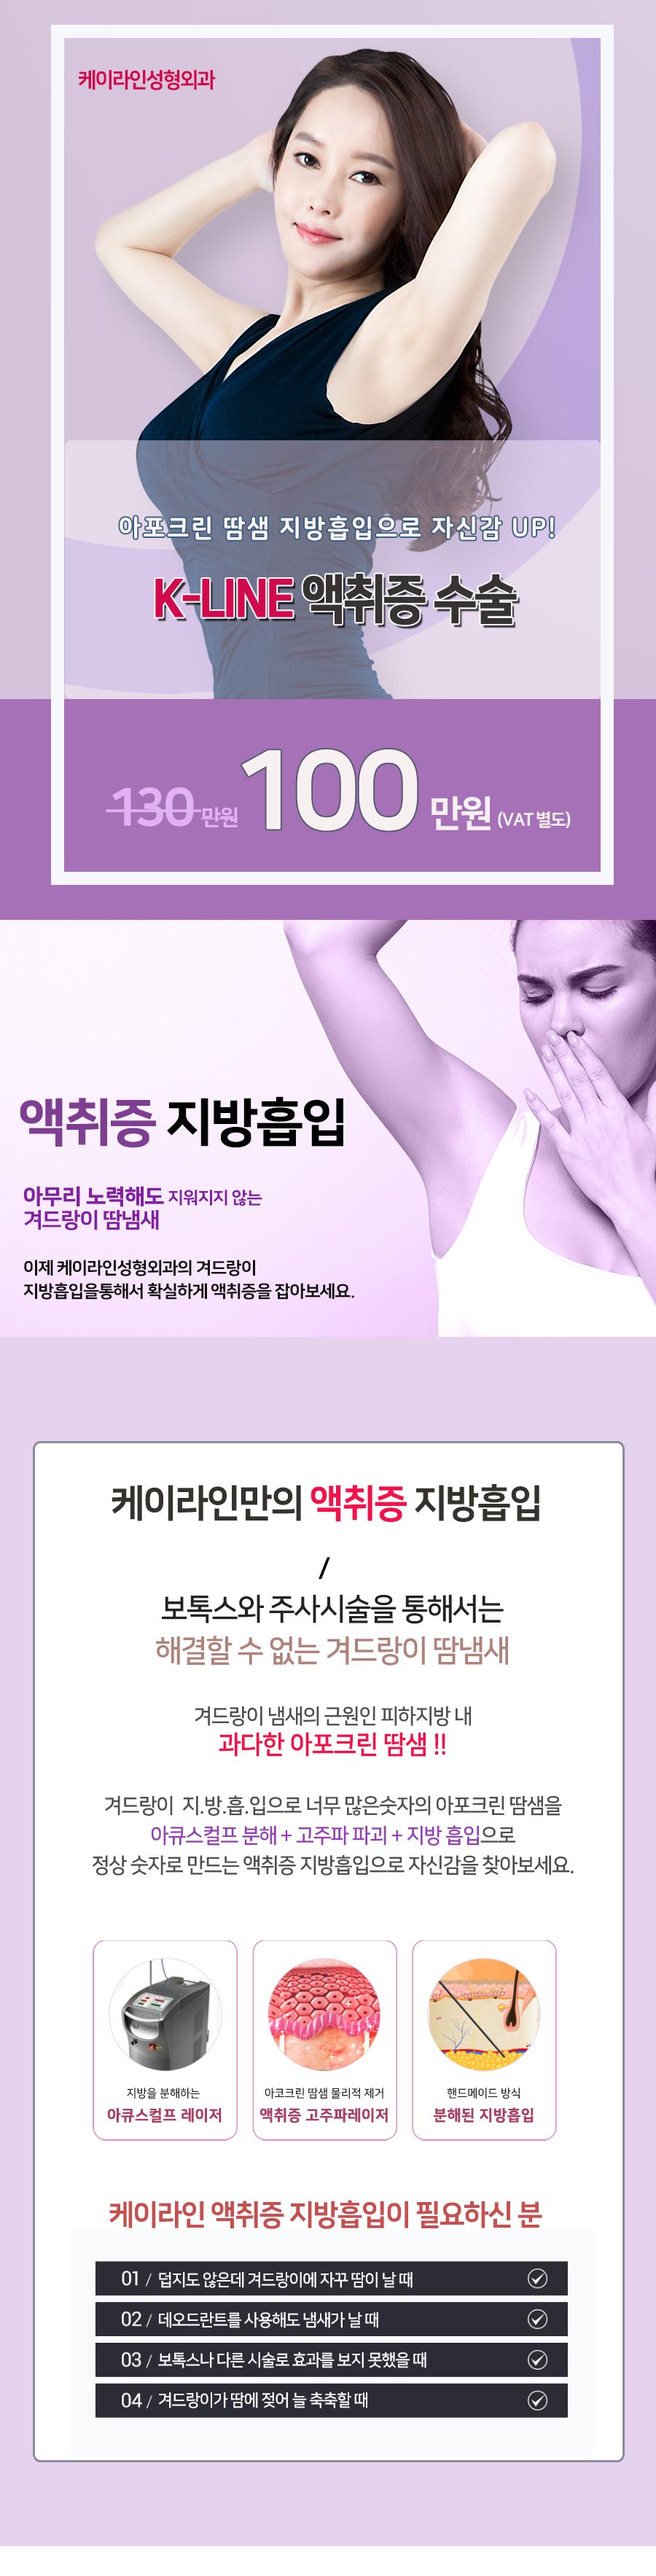 케이라인 액취증 지방흡입